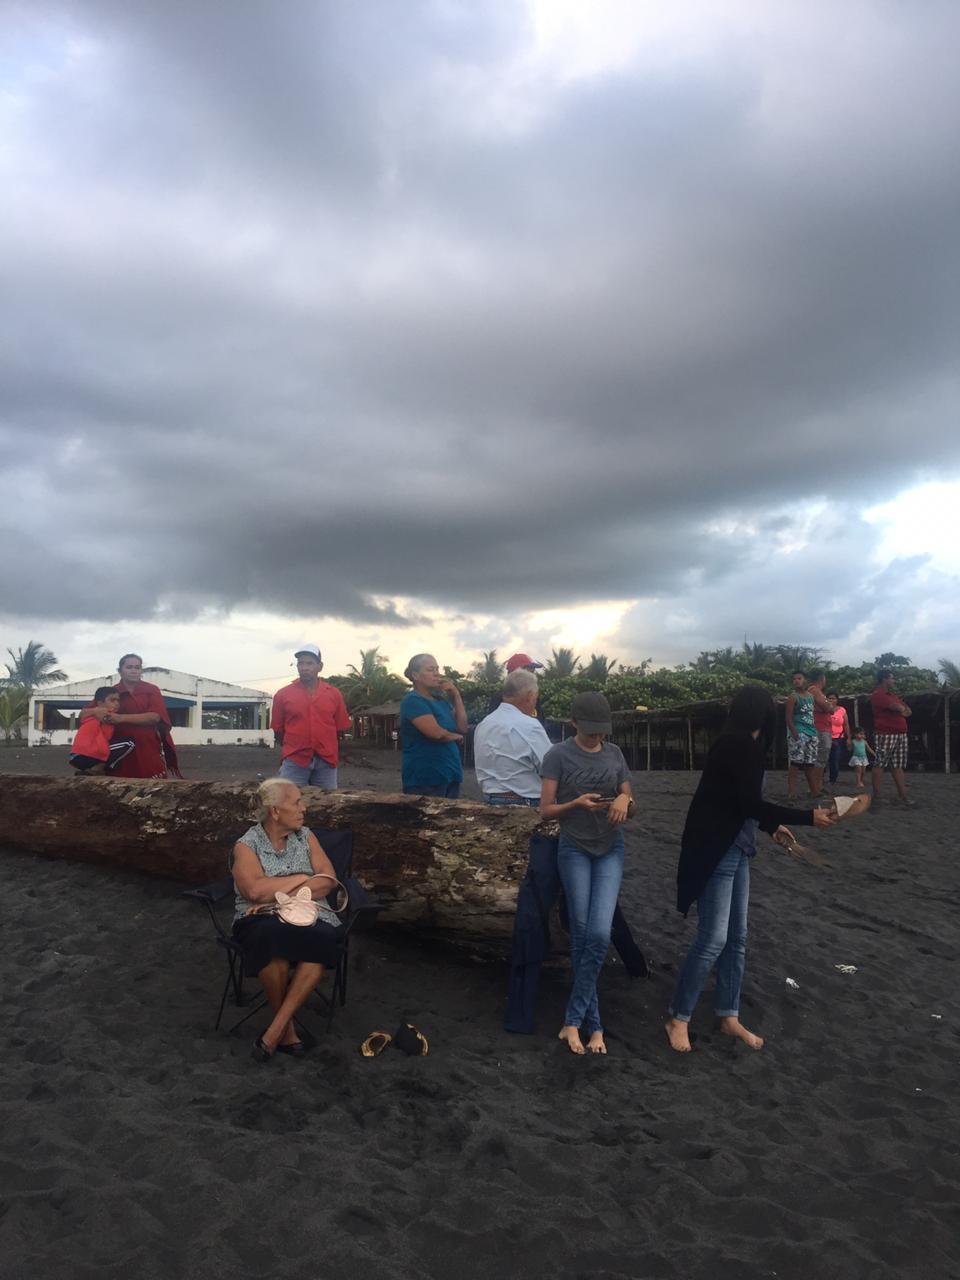 Buscan a joven desaparecido desde hace varios días en playa La Barqueta